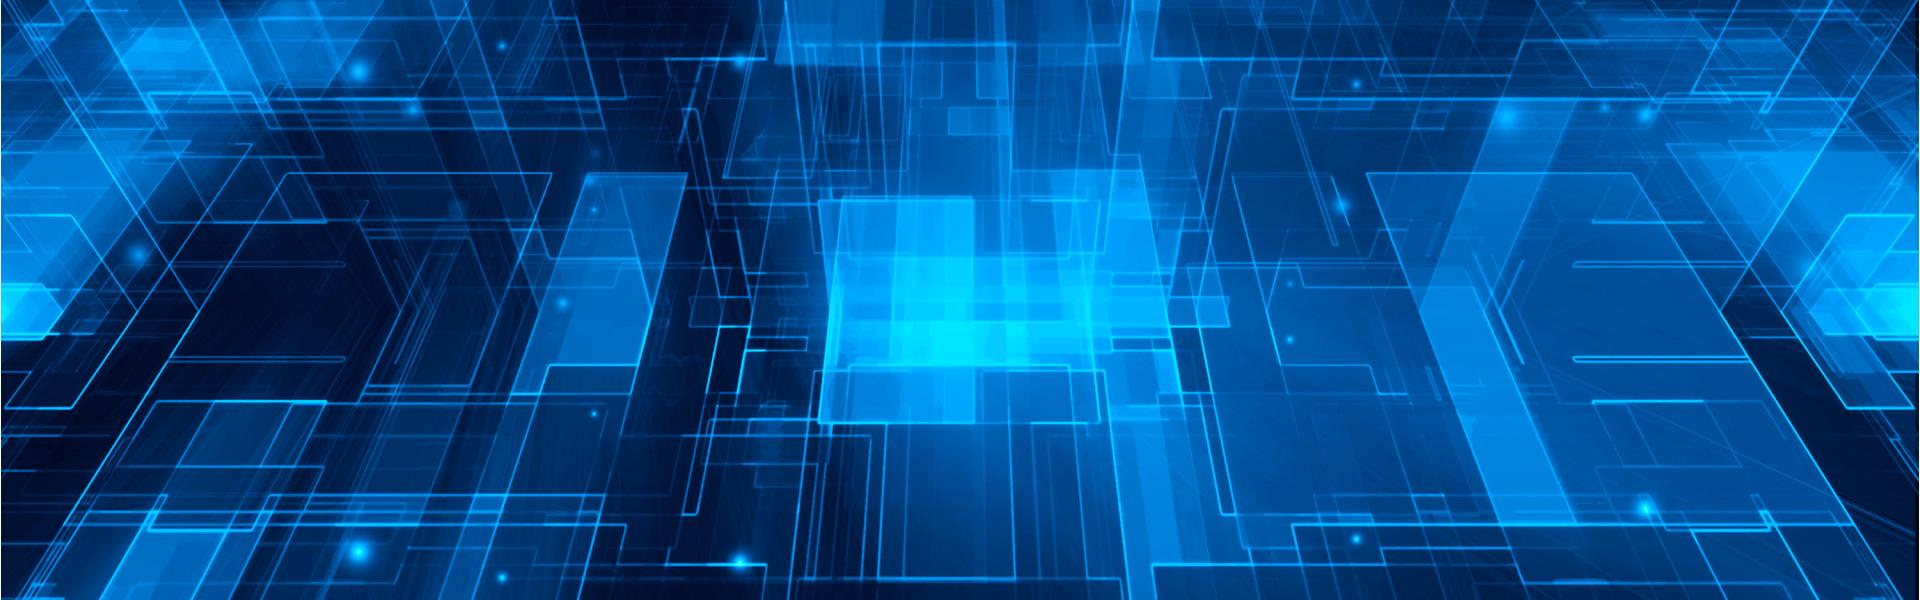 Xamarin Review: Cross-Platform Mobile Development from a